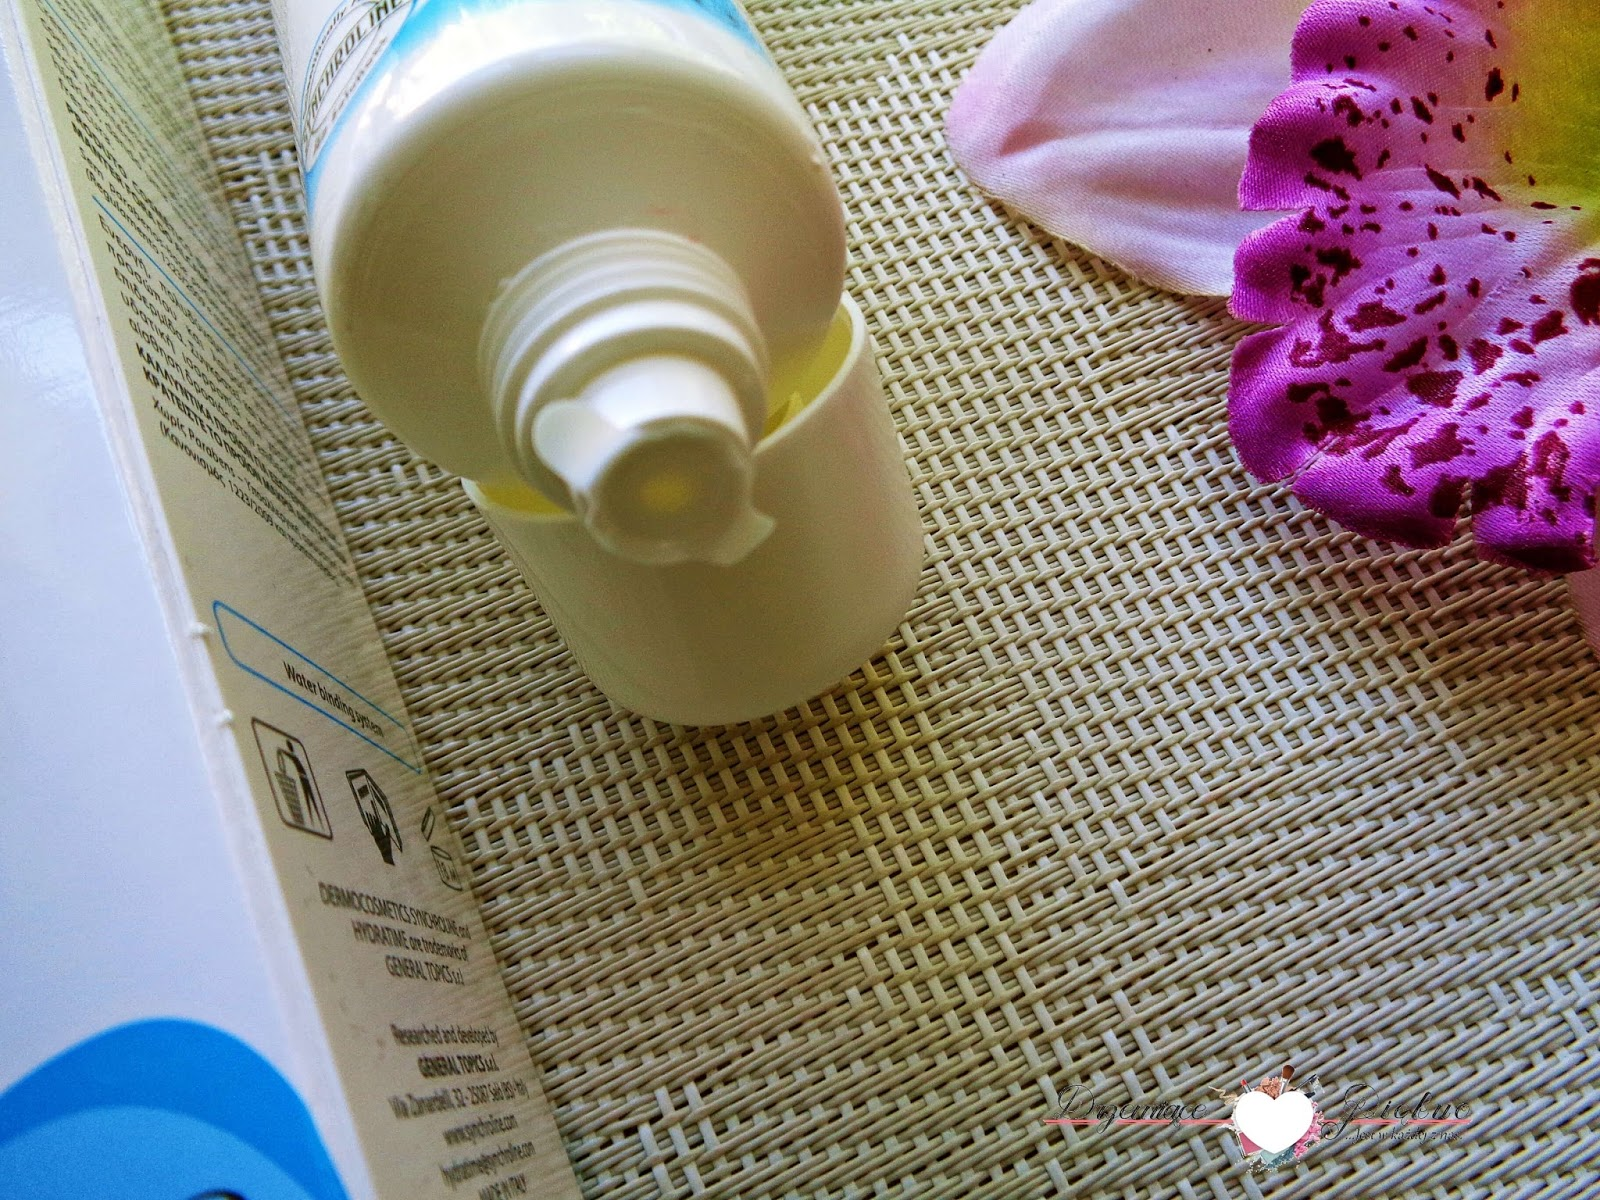 Skład, działanie, opinie - Synchroline Hydratime Plus - krem głęboko nawilżający dla skóry suchej i bardzo suchej.